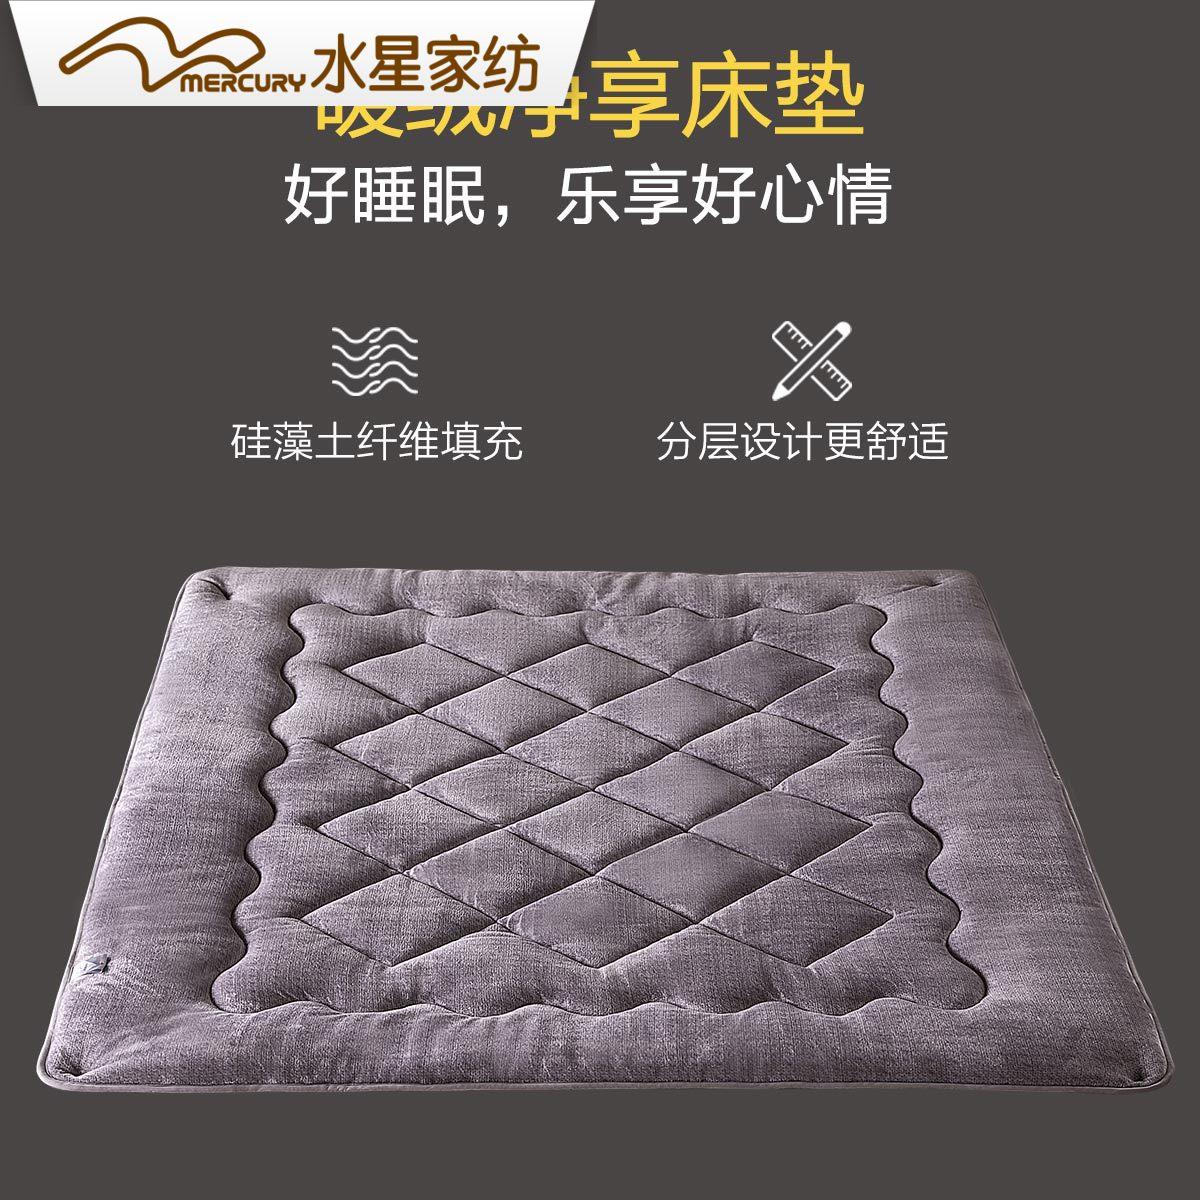 水星家纺防滑床垫保护垫学生榻榻米单双人床褥子0.9米床褥子垫被